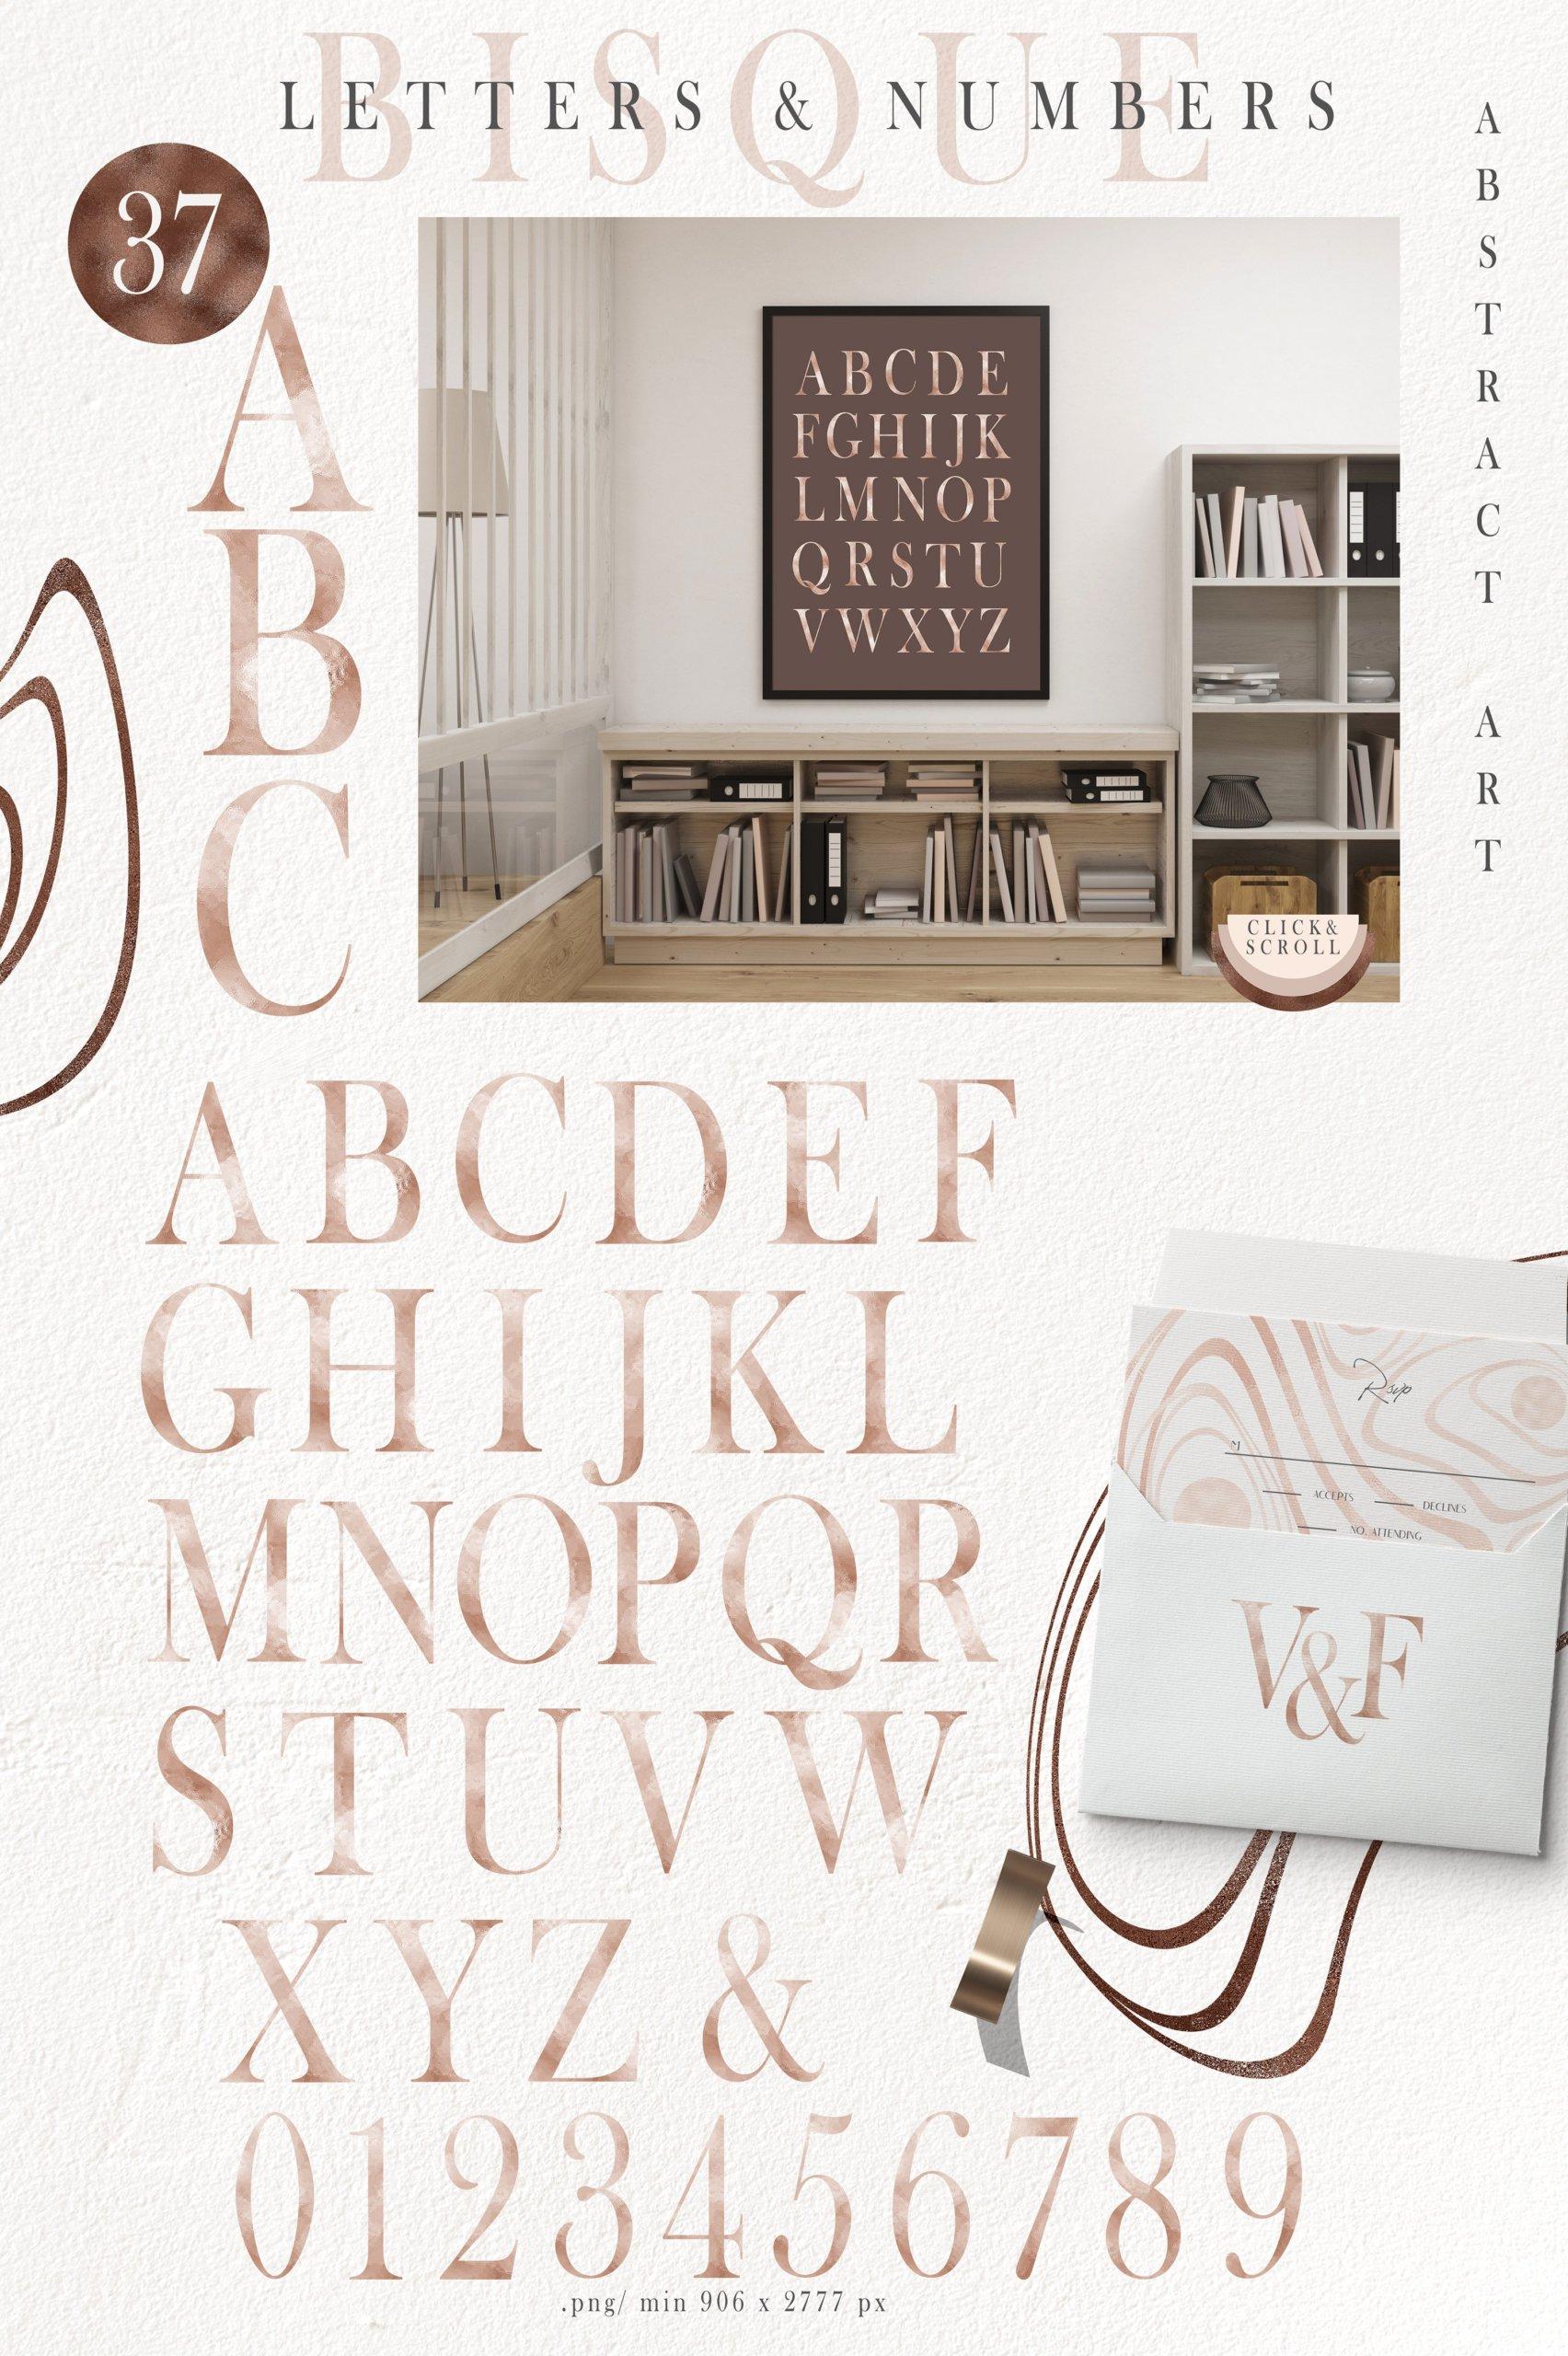 抽象巧克力奶油线条图形符号字母PNG透明背景图片设计素材 Abstract Shapes, Line Art, Alphabet插图5